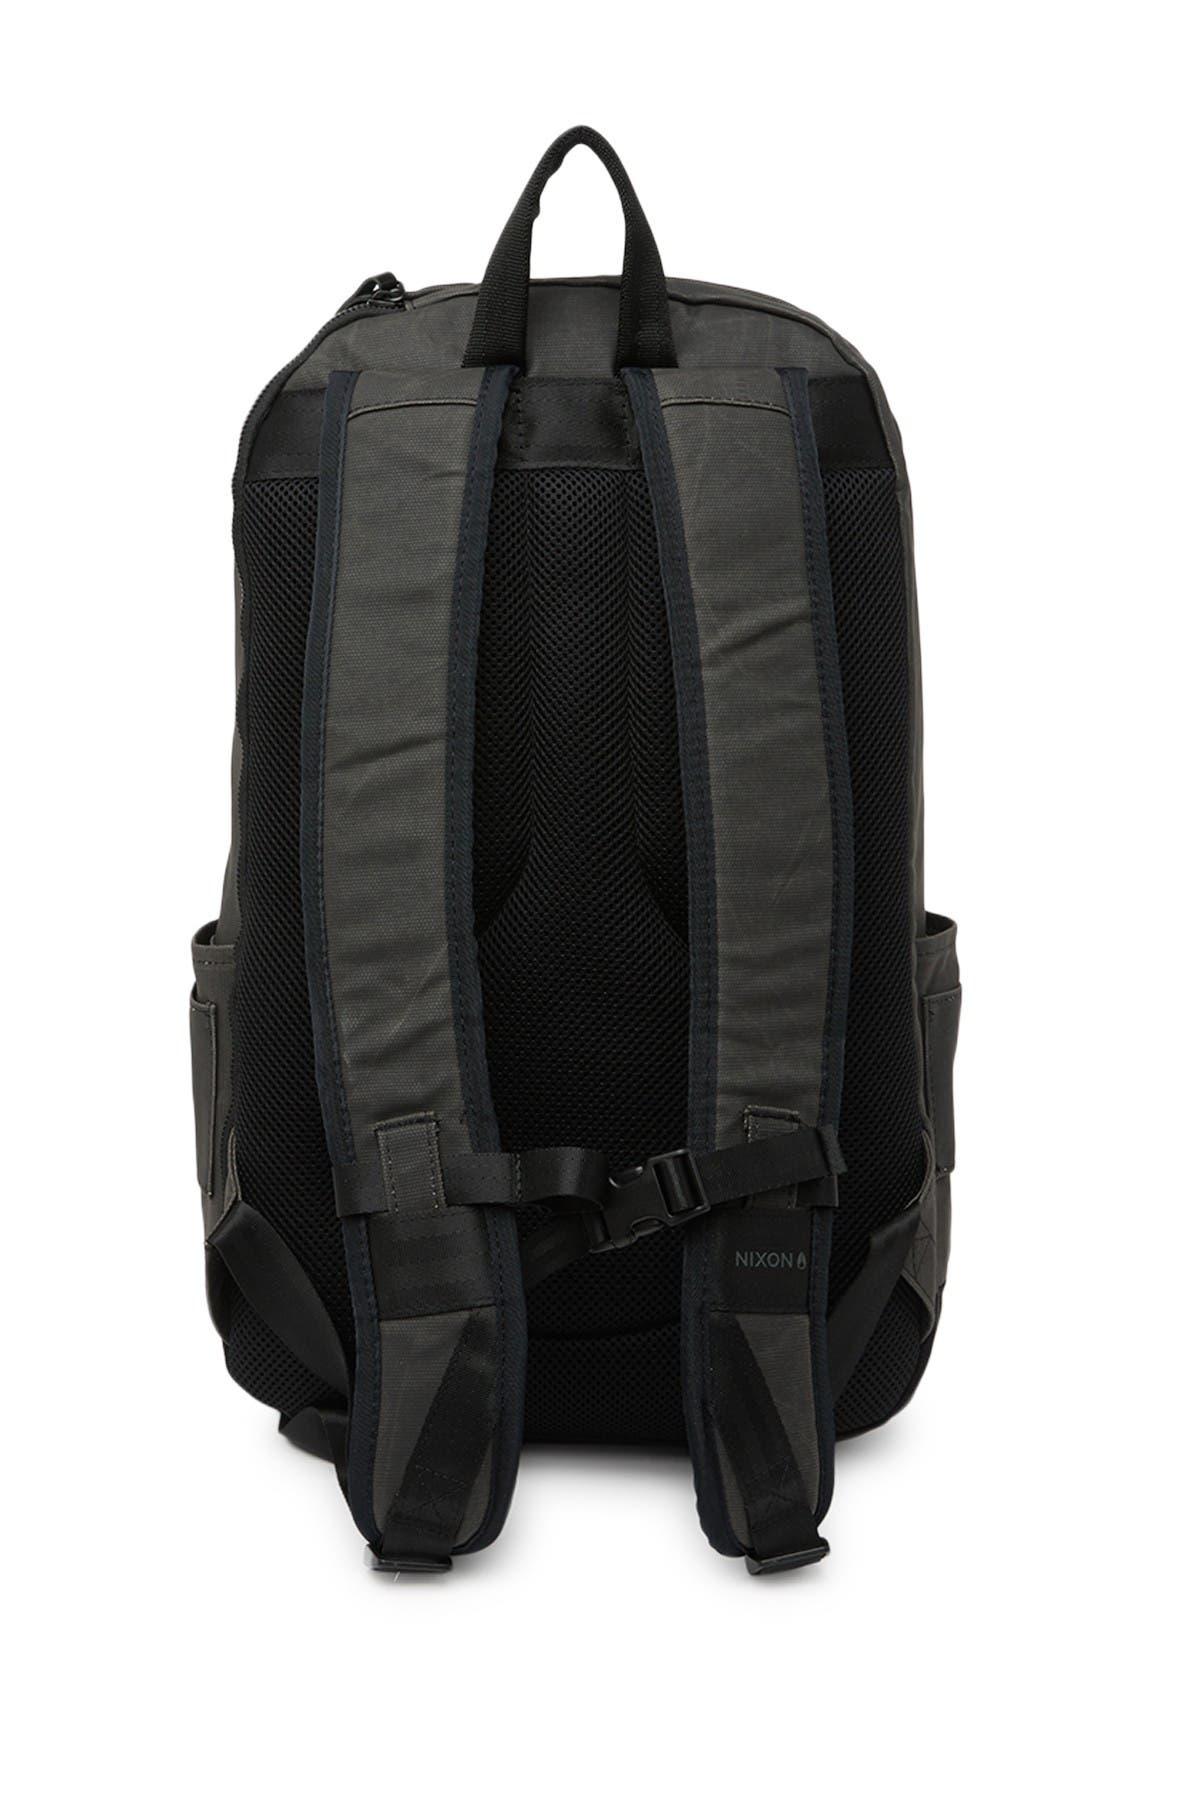 Image of Nixon Smith Backpack